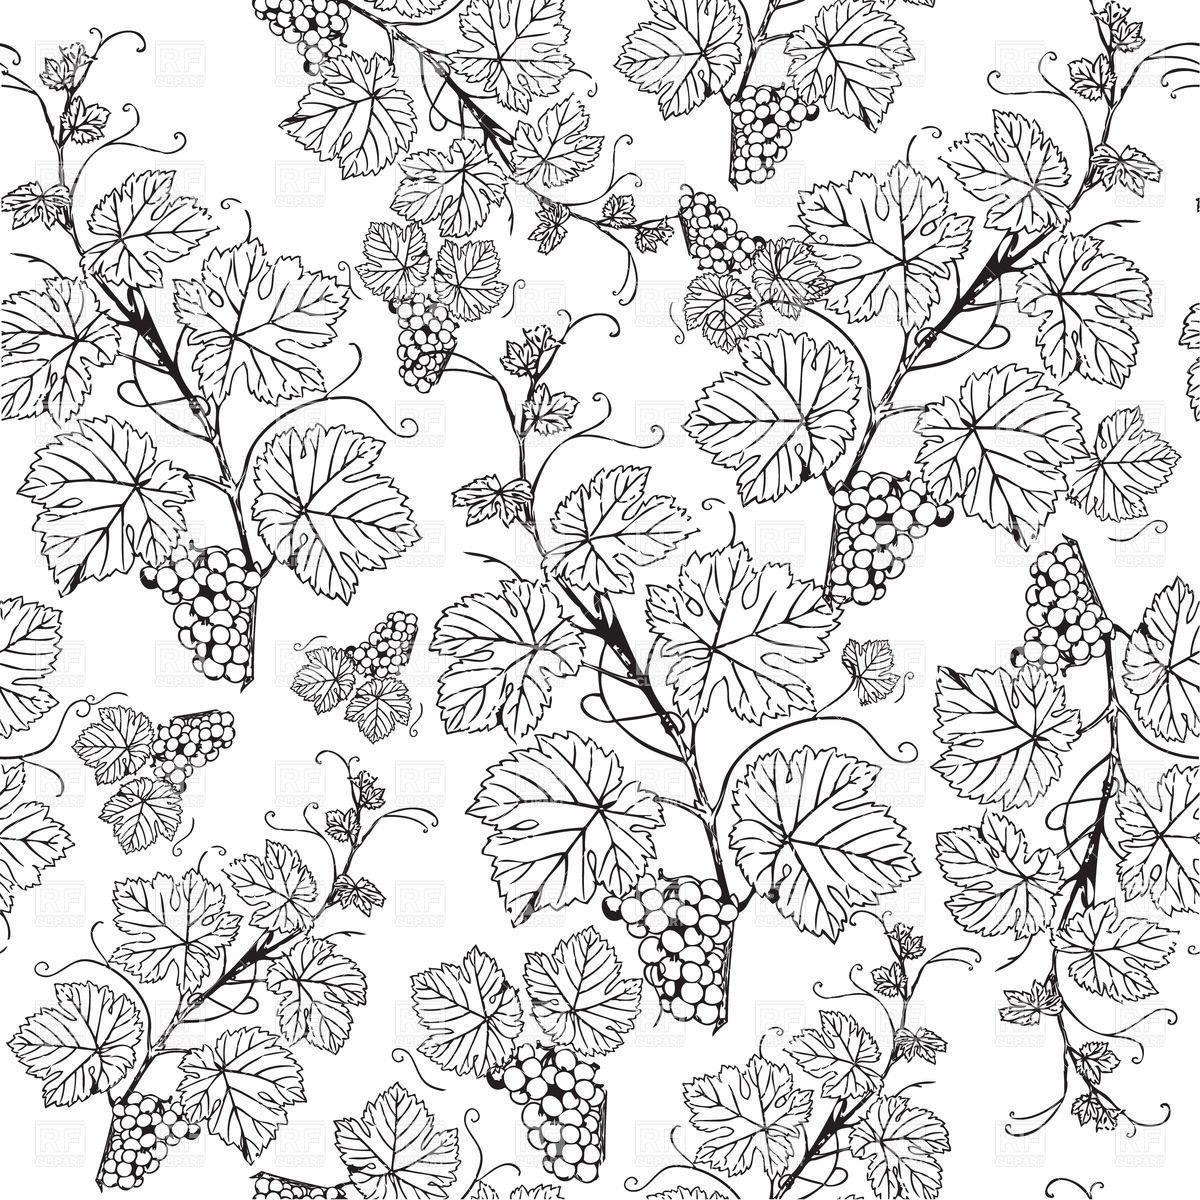 Grape Patterns | Grape vine sketch pattern, download royalty-free ... for Drawing Grape Vines  557ylc